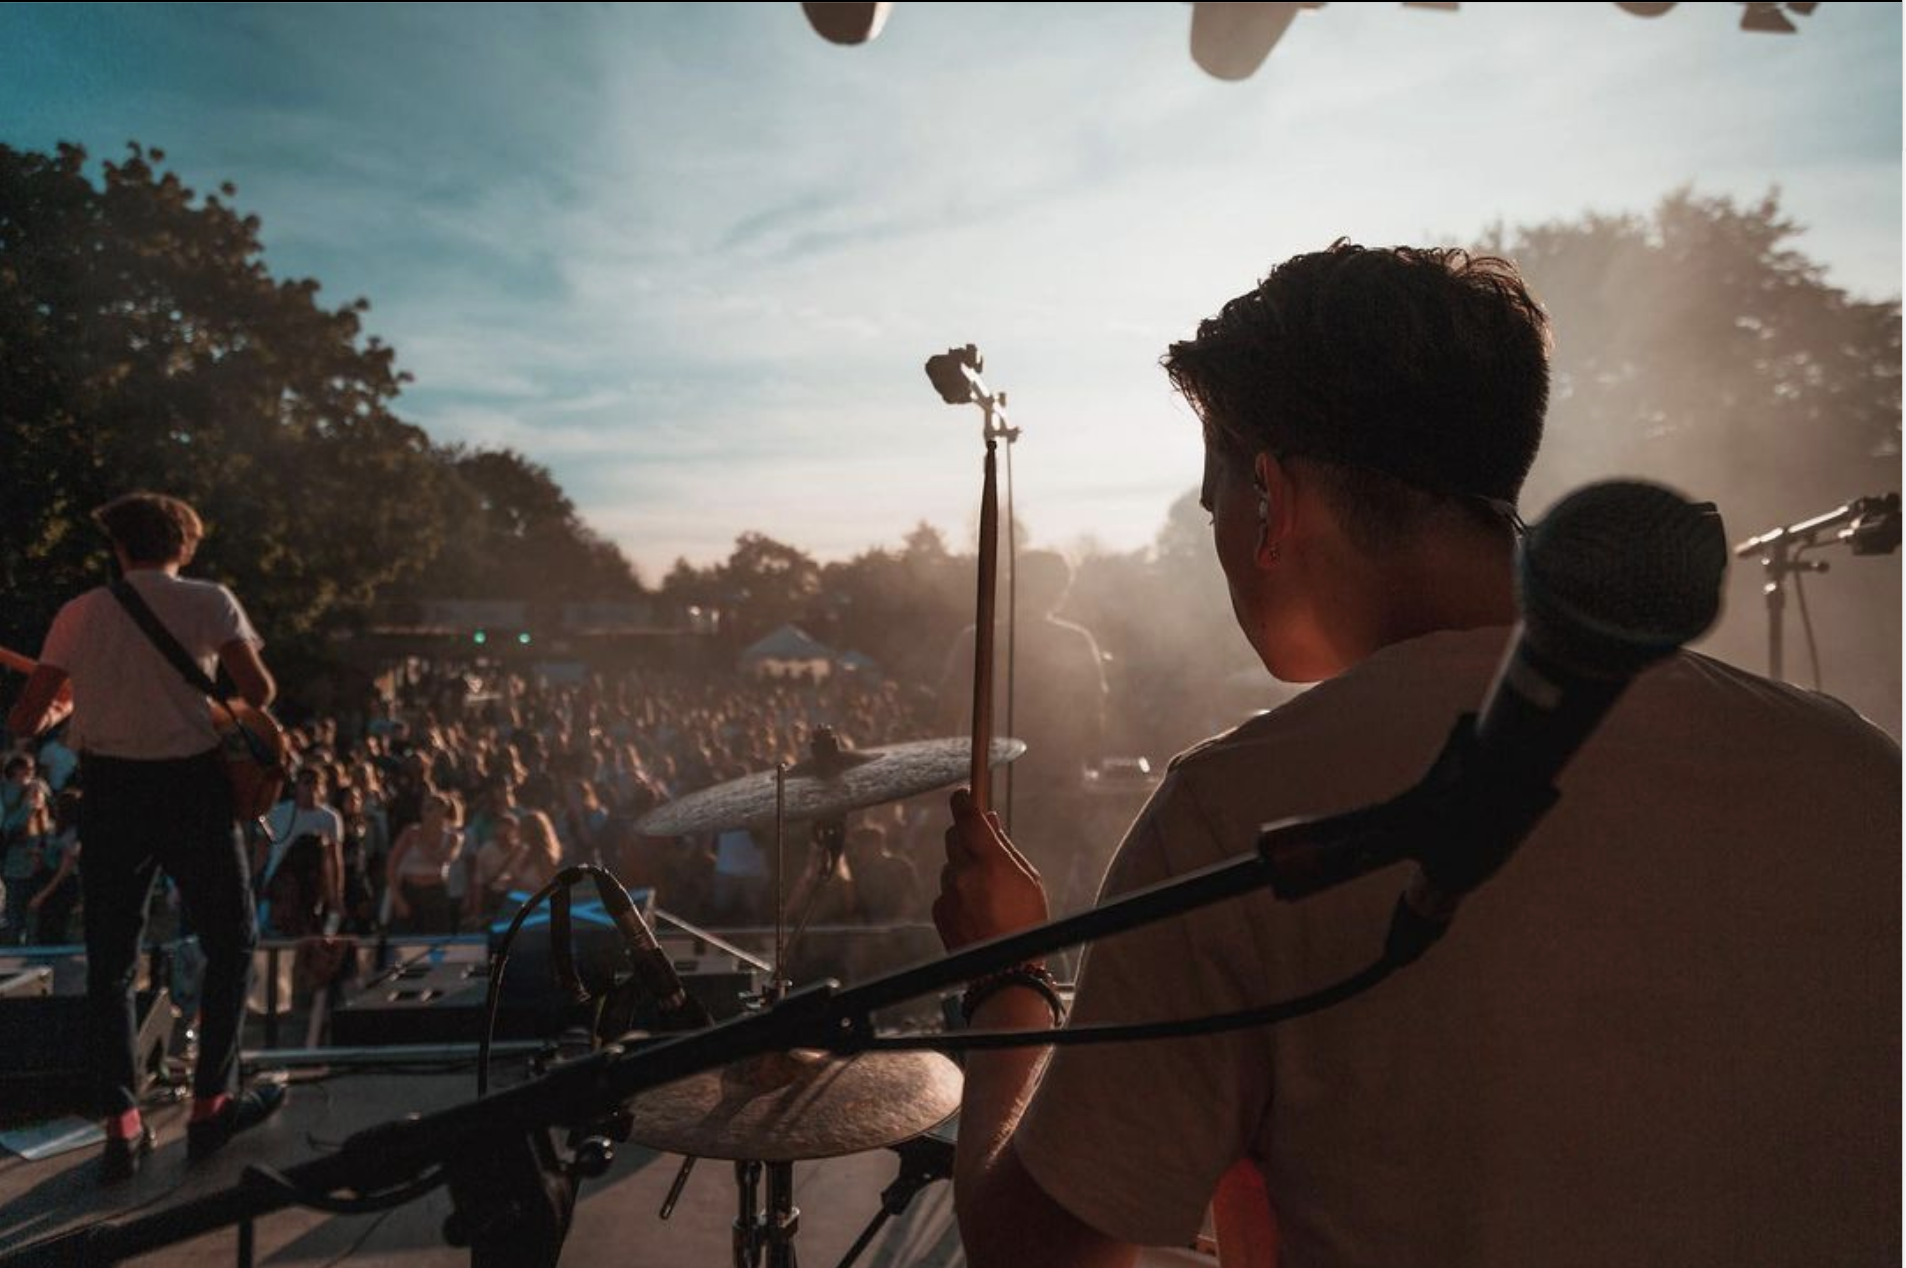 Ein Bild aus Sicht der Bühne, klarer Sonnenschein, viele Menschen